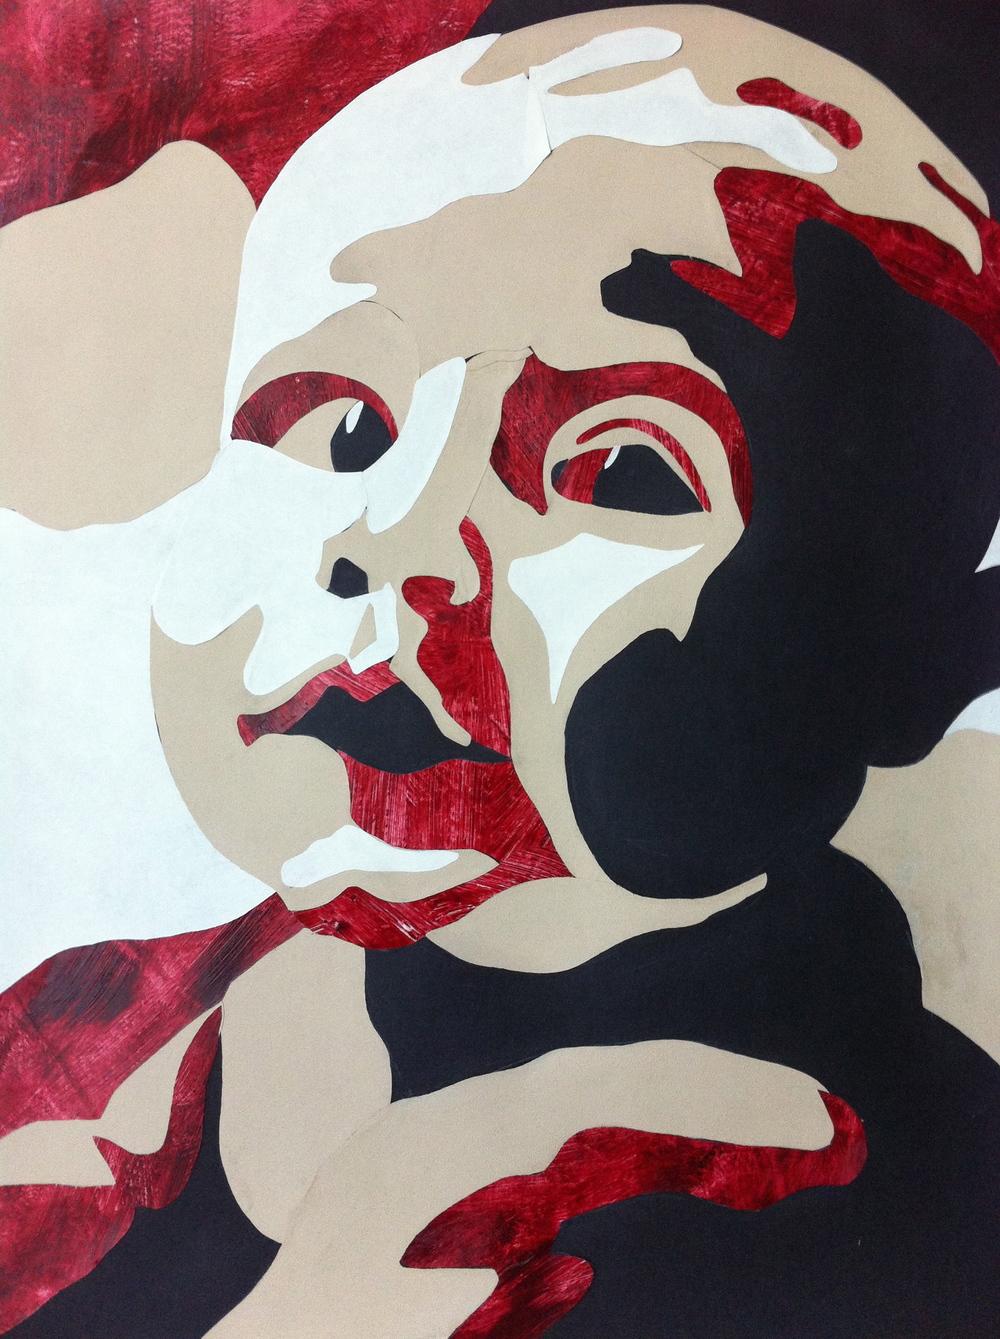 Axl When Baby (2013)